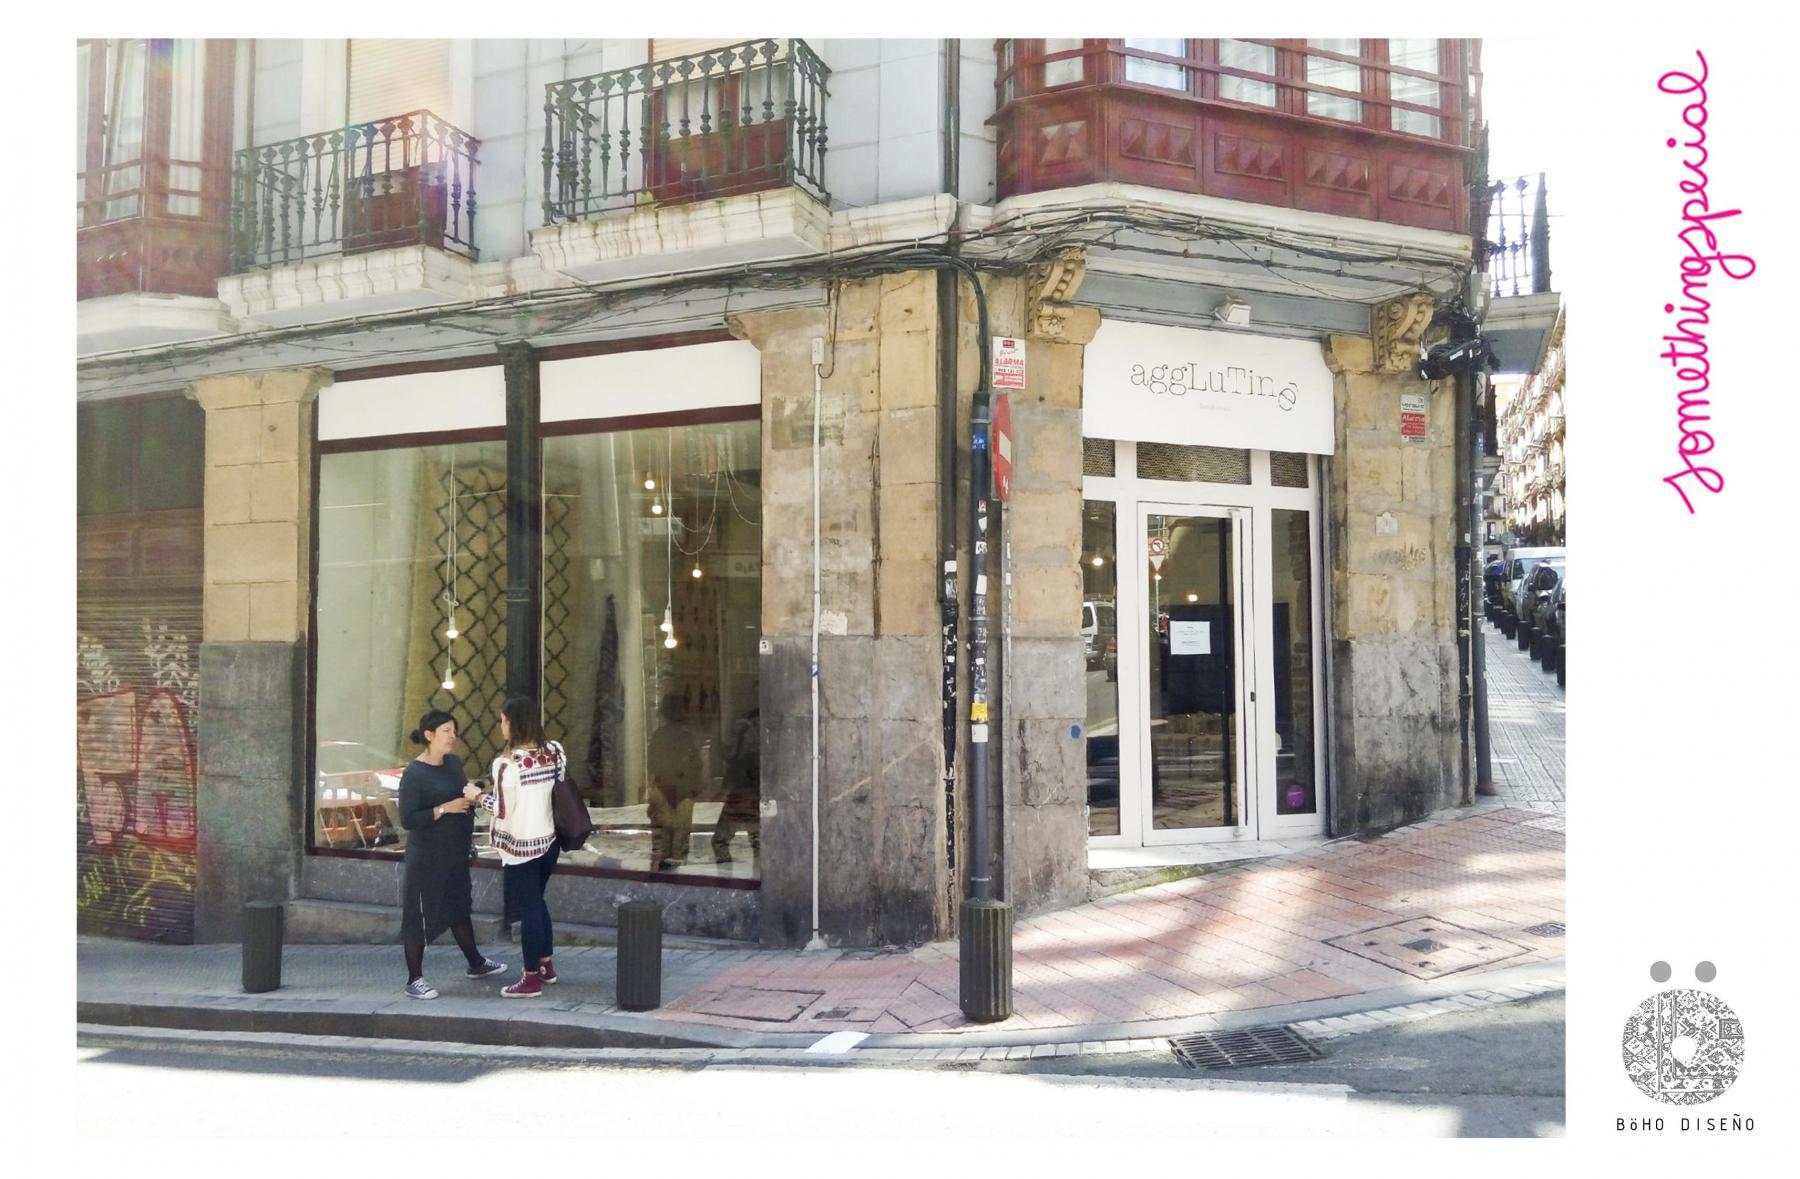 B Ho Dise O Something Special Bilbao